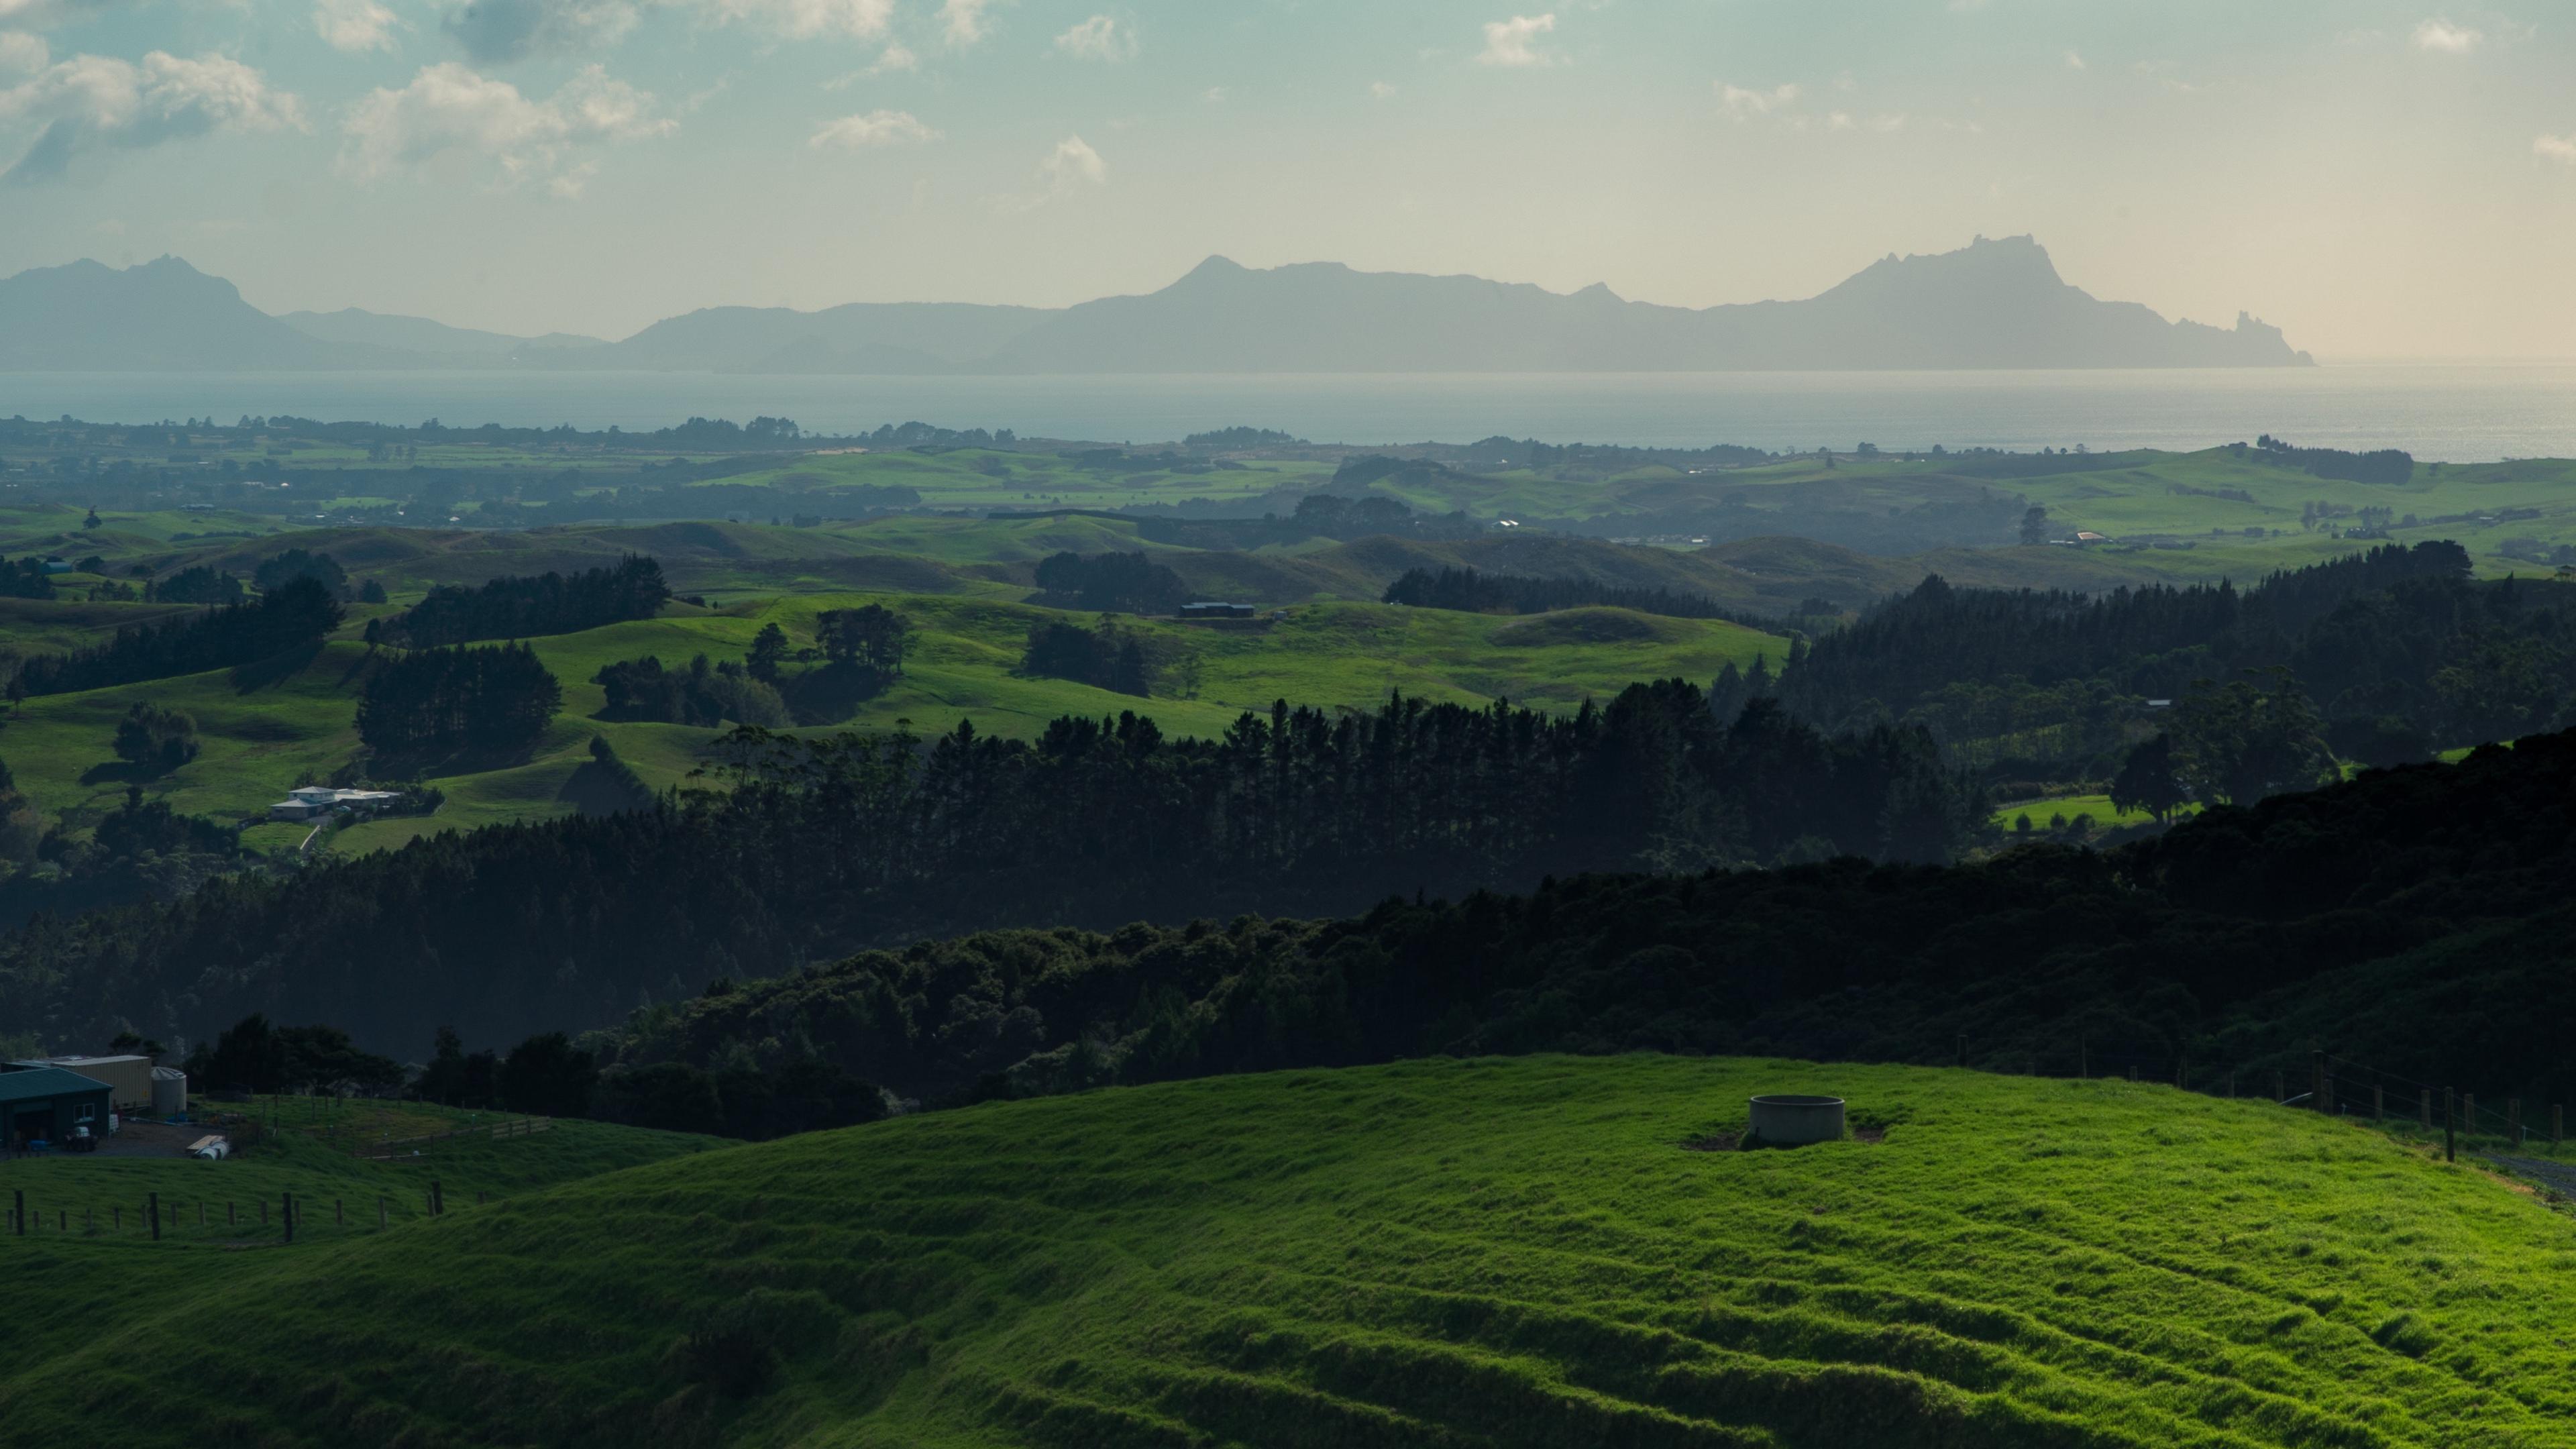 hills grass mountains horizon whangarei new zealand 4k 1541115165 - hills, grass, mountains, horizon, whangarei, new zealand 4k - Mountains, Hills, Grass